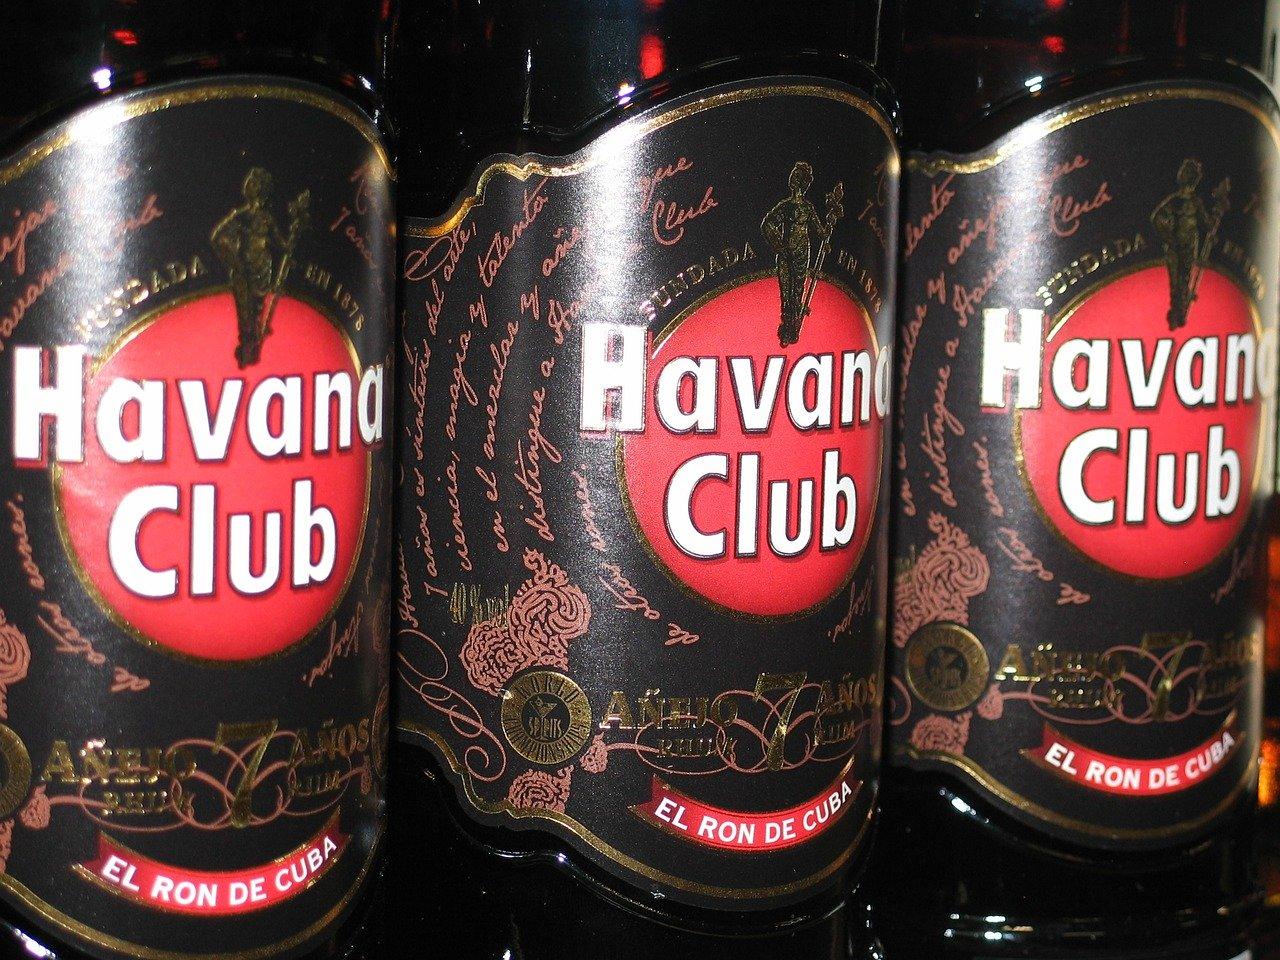 Havana Club Anejo Reserva (40 vol%) Essen und Trinken alkoholhaltige Getränke